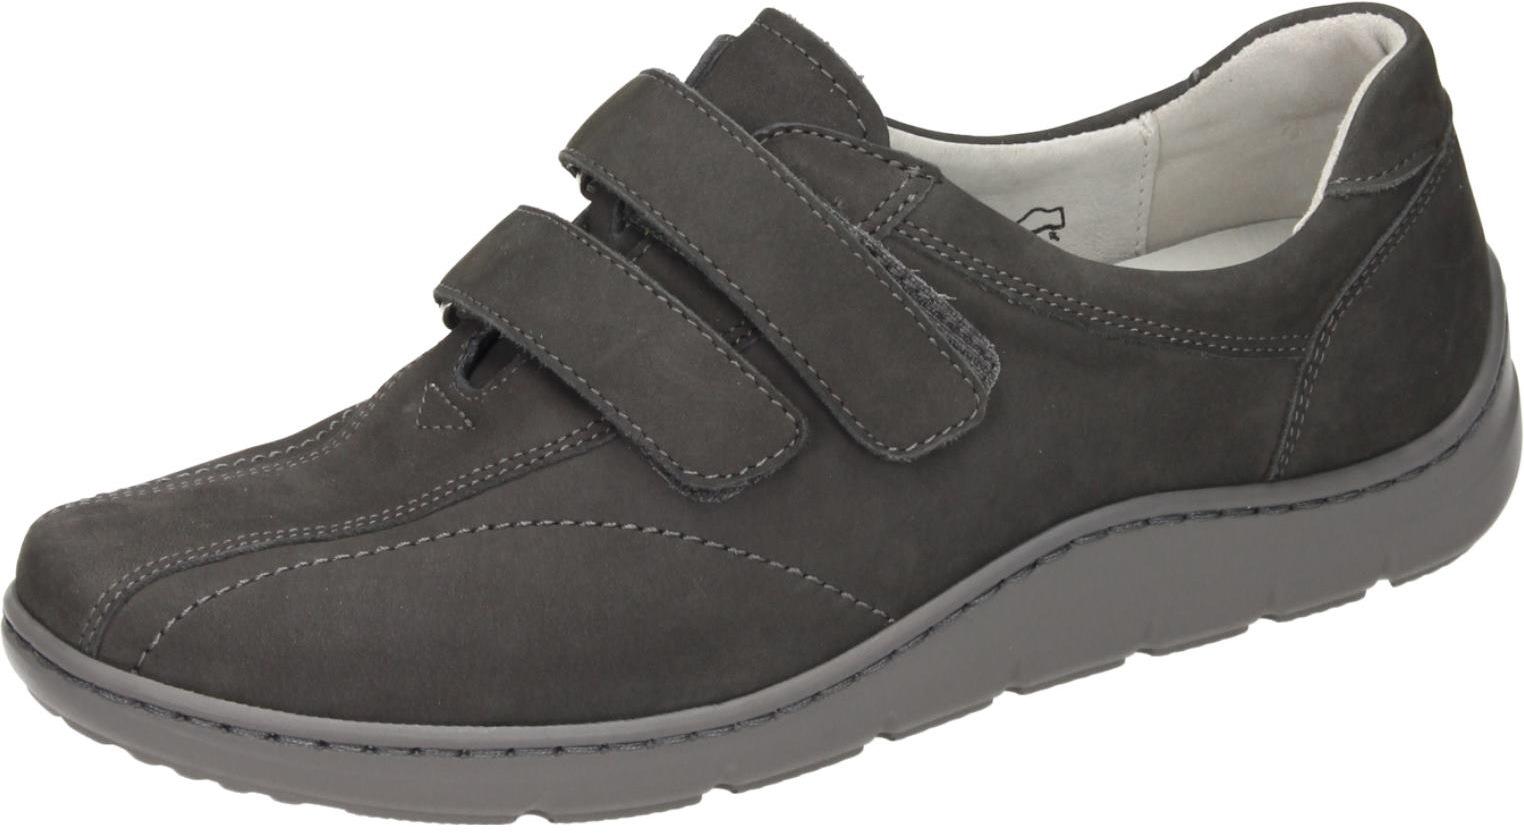 Waldläufer Damen Schuhe Damen-Slipper - H grau grau grau Nubukleder 942380 6a2ff2